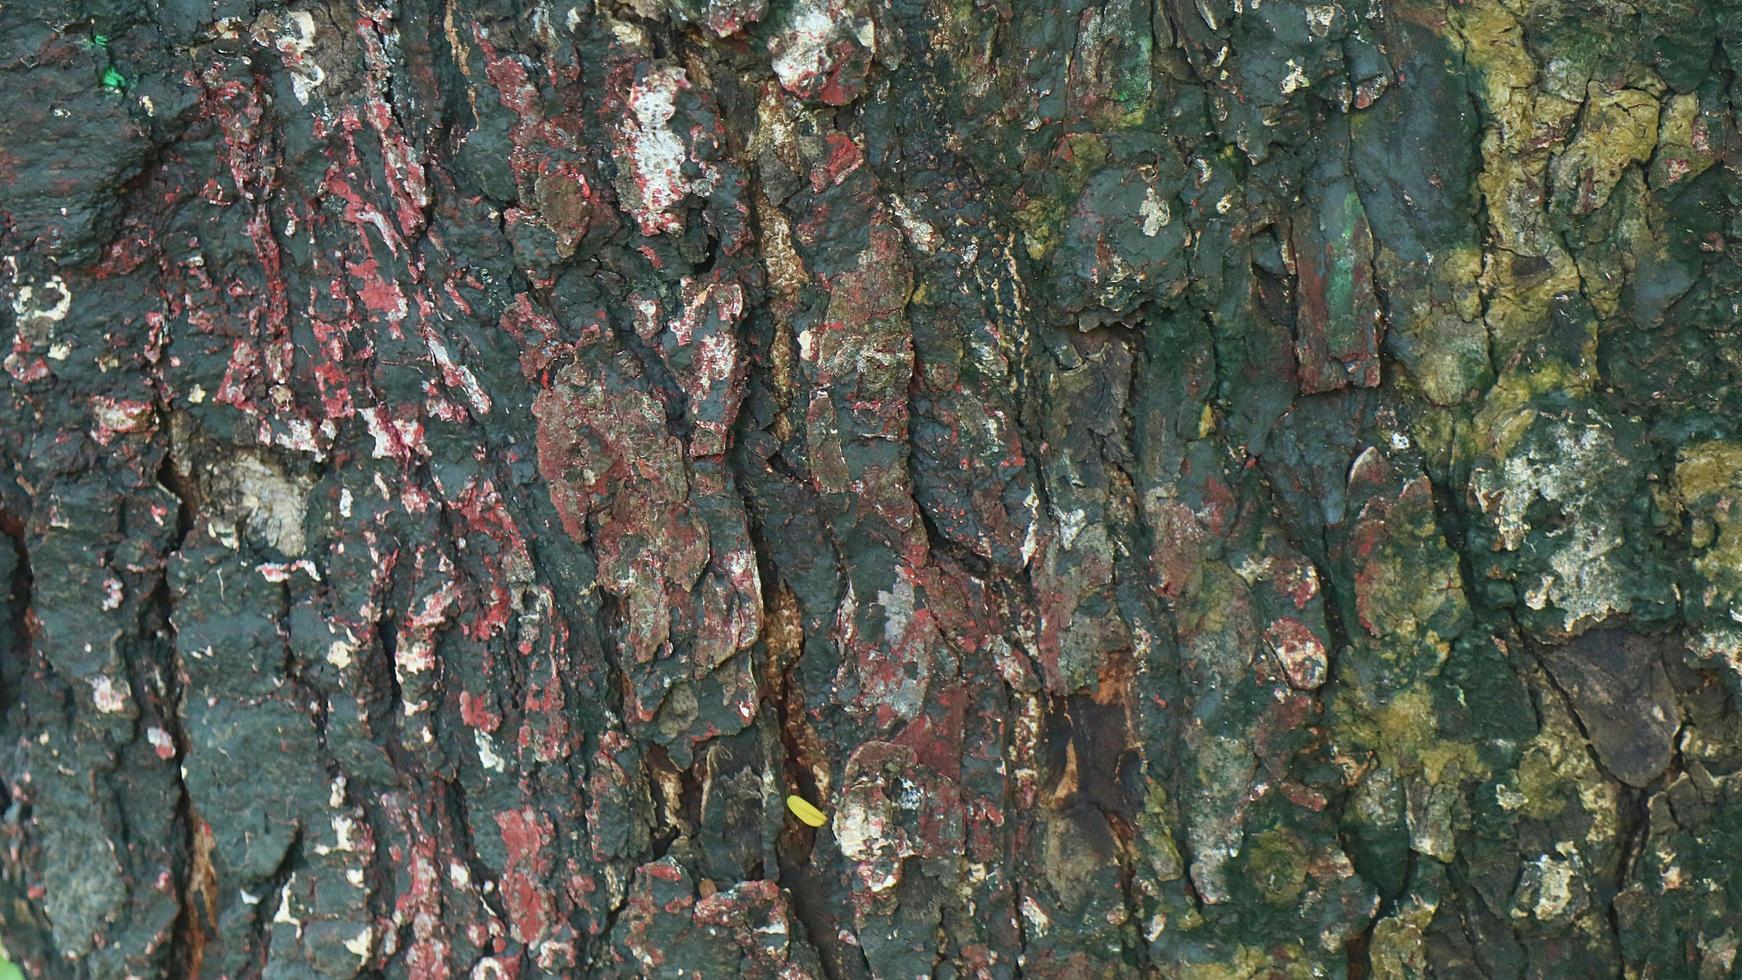 textura de un viejo árbol de madera foto